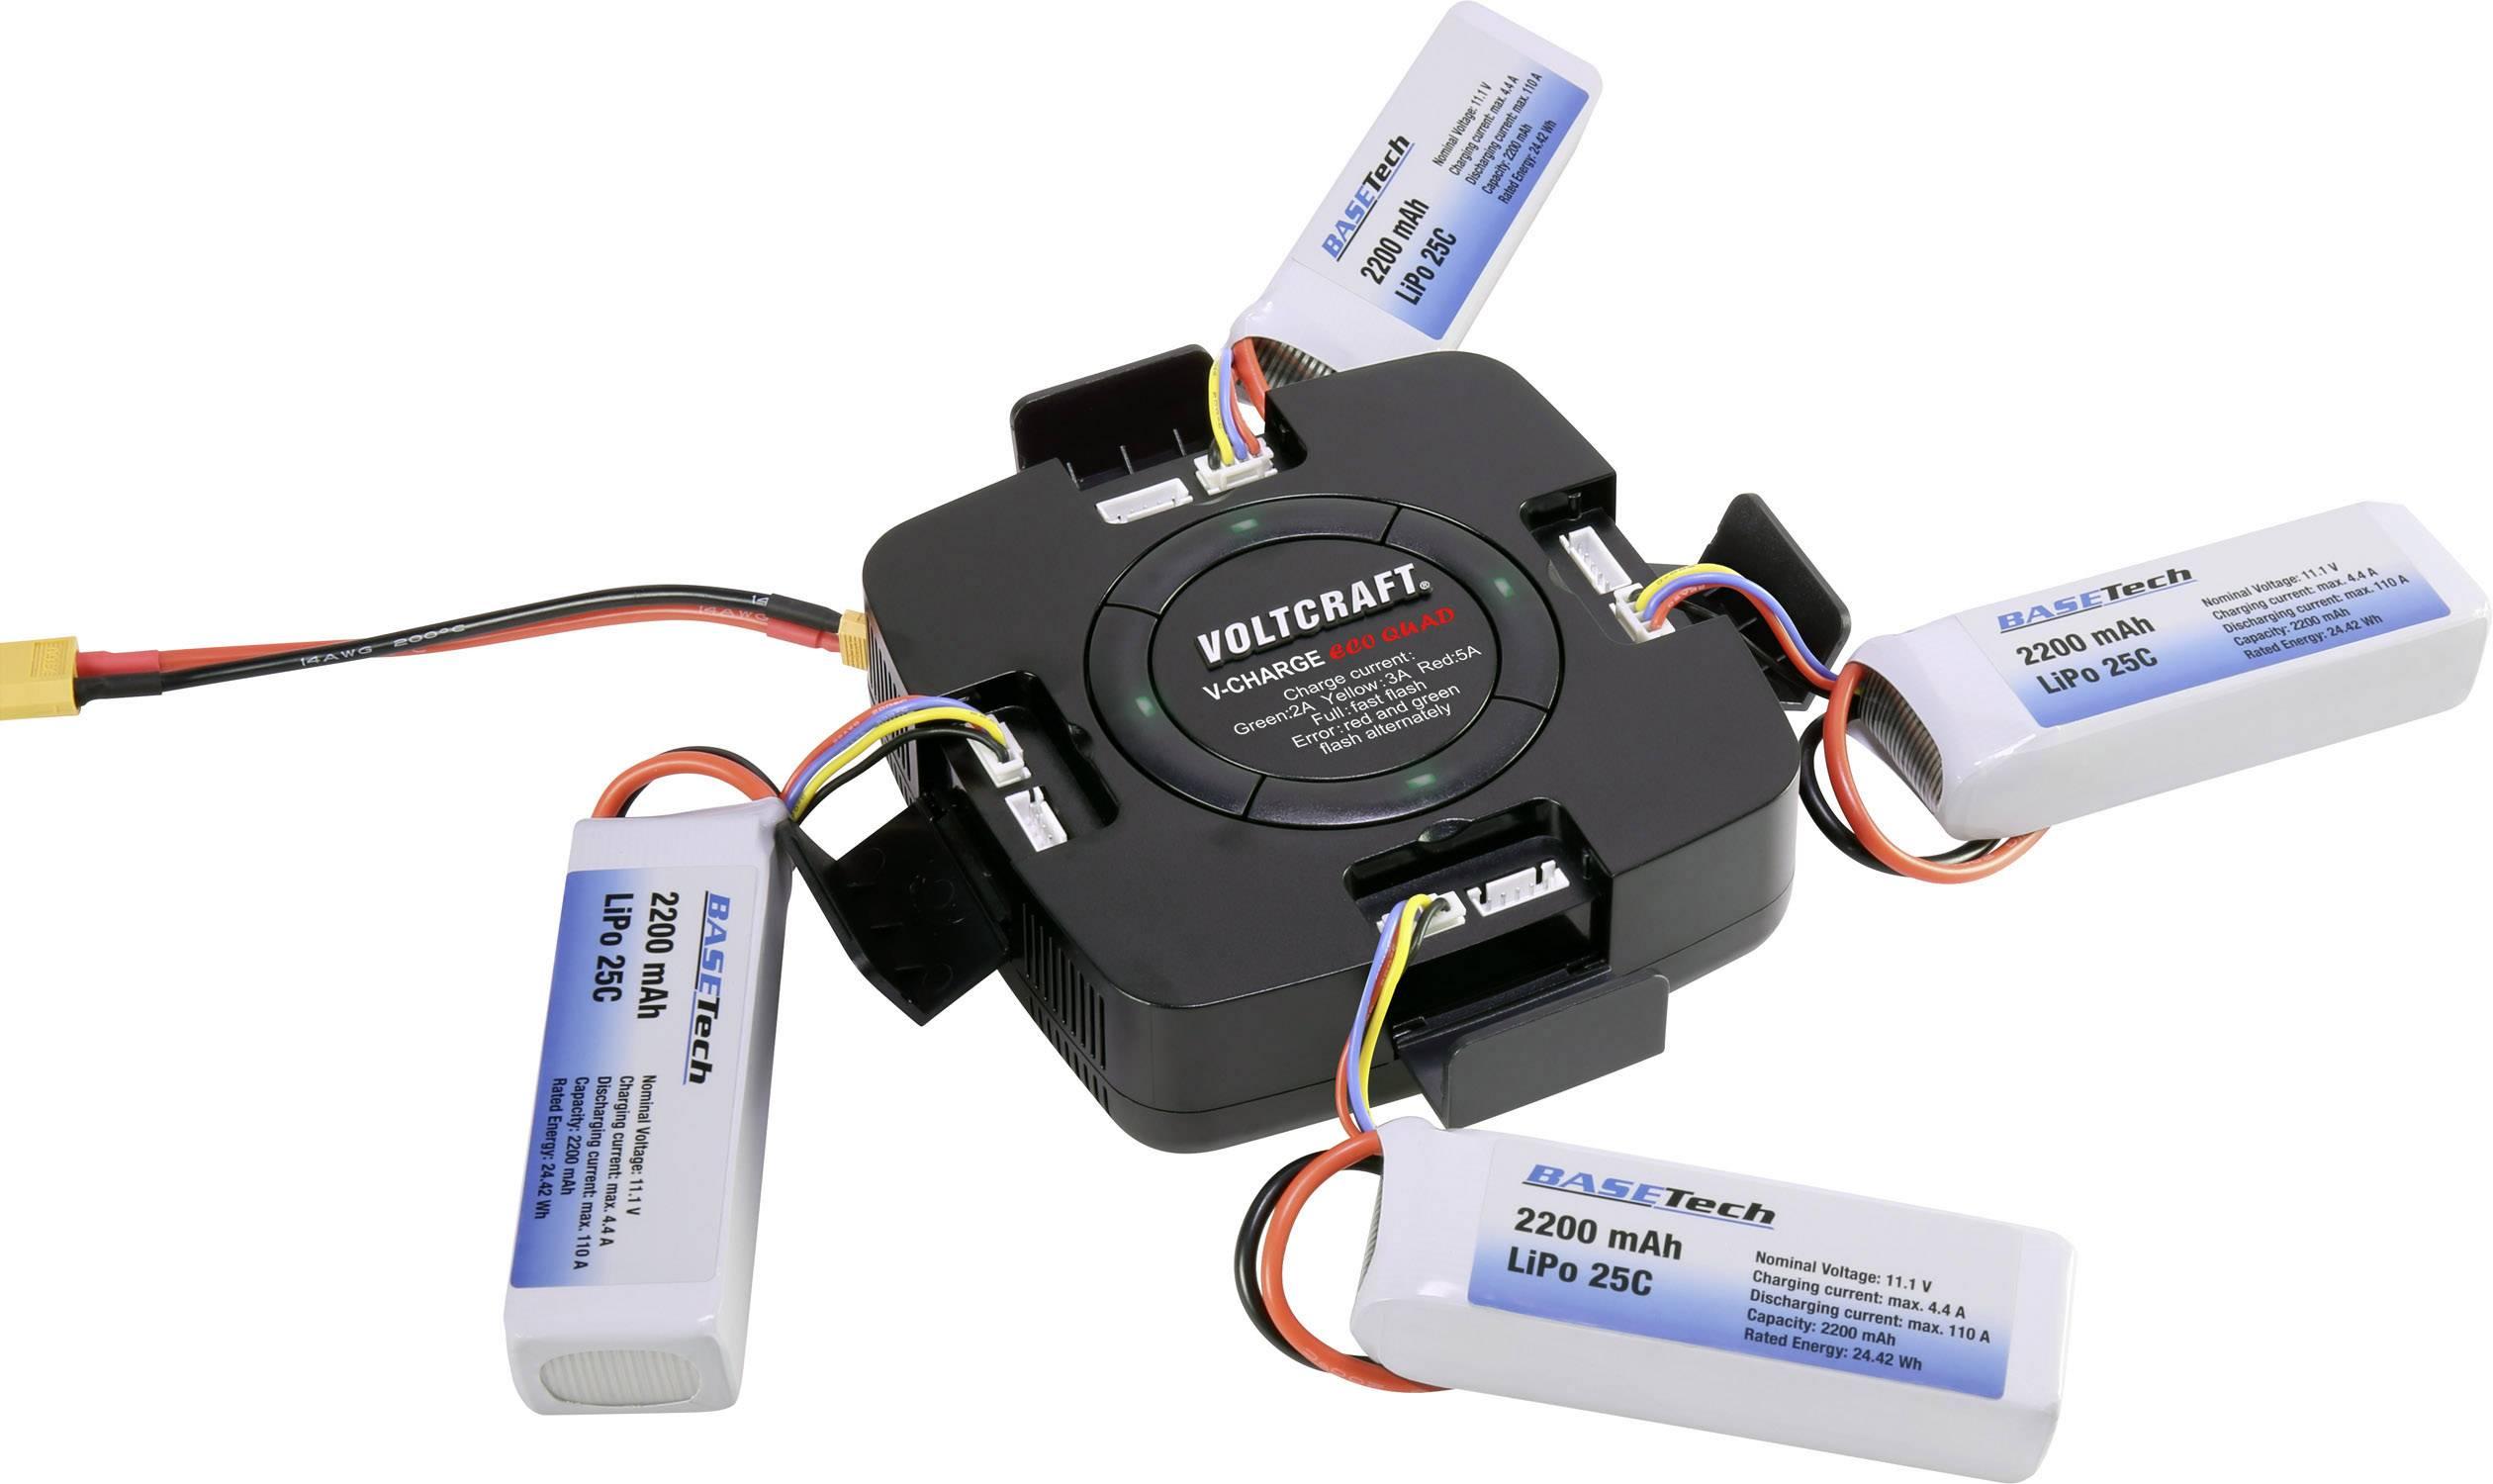 Modelárska nabíjačka VOLTCRAFT V-Charge Eco Quad 1590606, 12 V, 32 V, 5 A